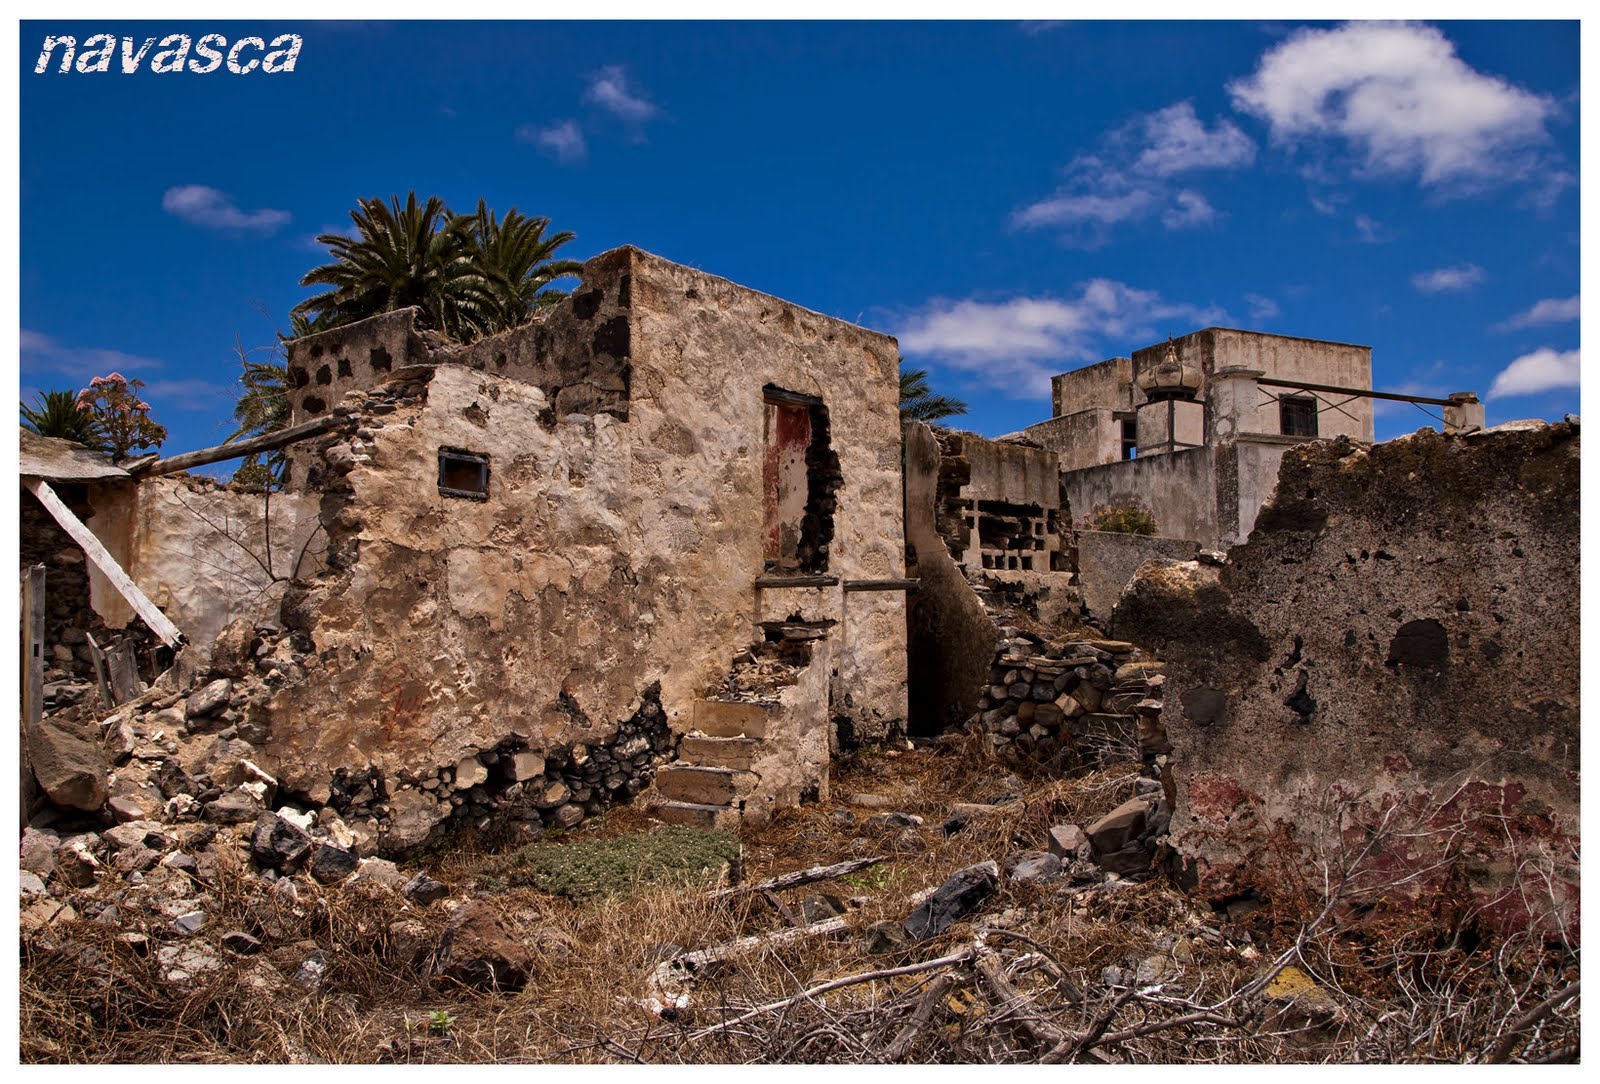 Casas abandonadas con historia fotonavasca - Las casas canarias lanzarote ...